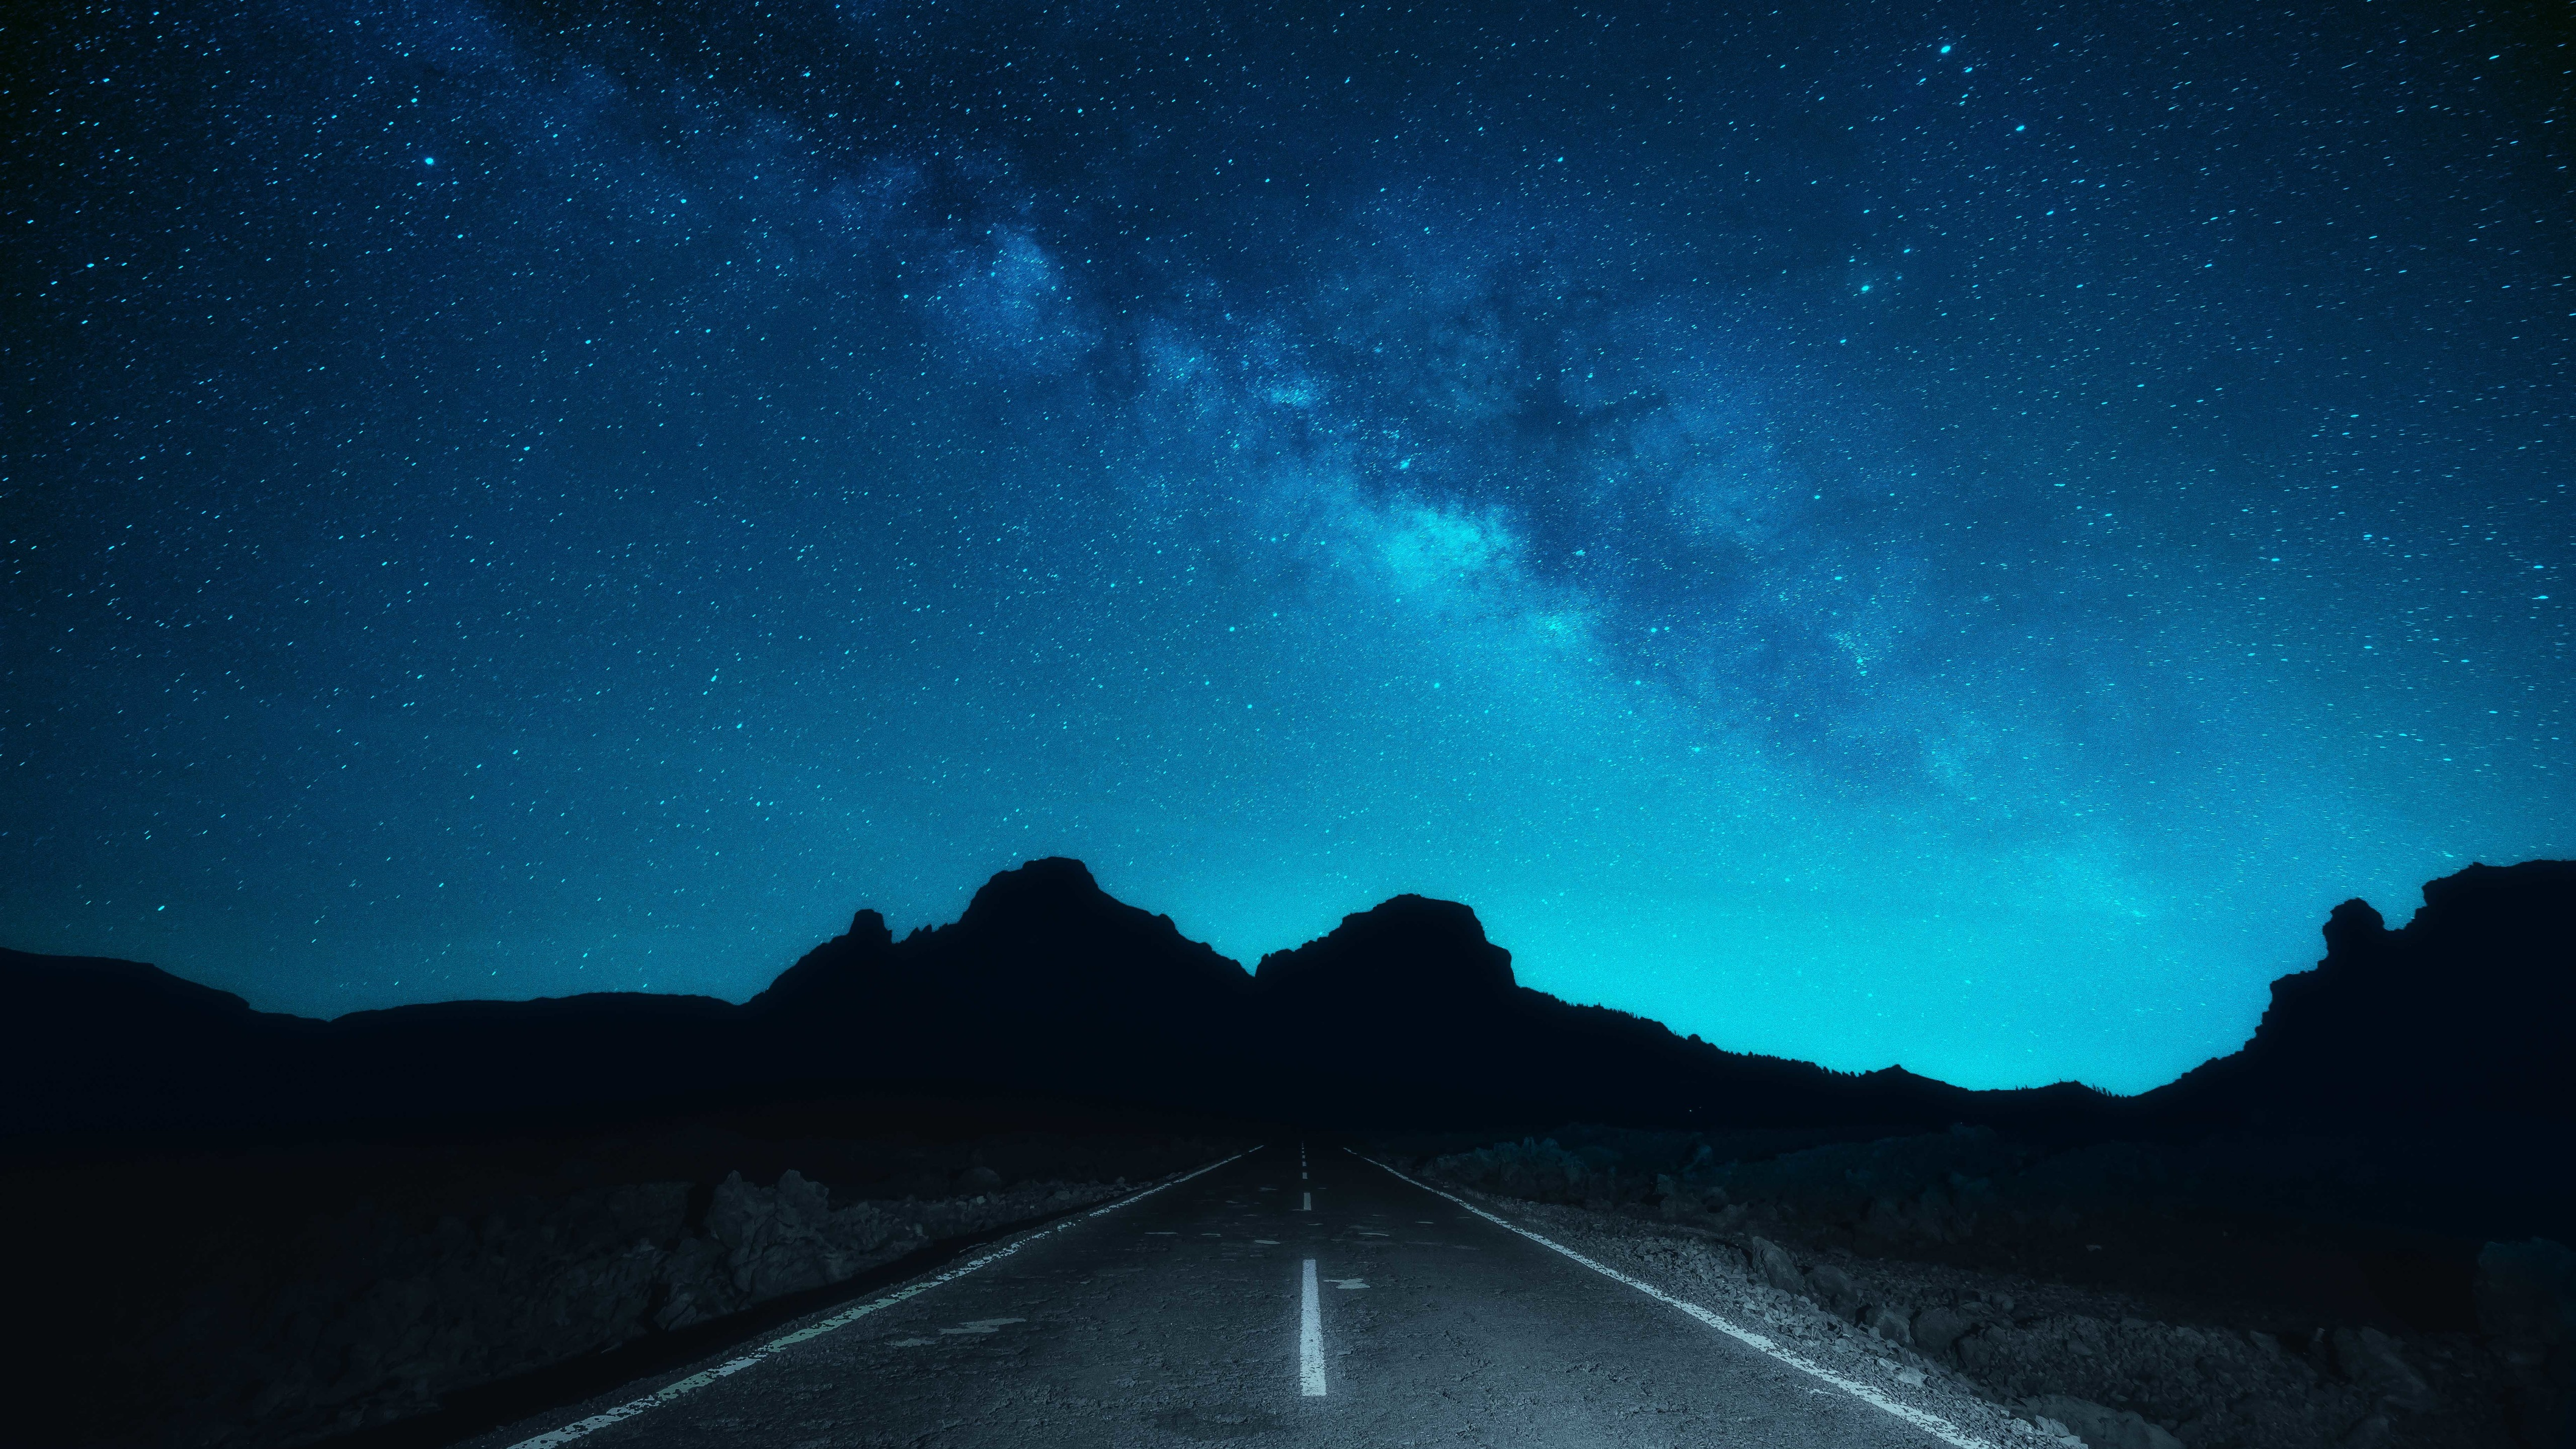 壁紙 美しい夜空 星空 道路 5120x2880 Uhd 5k 無料のデスクトップの